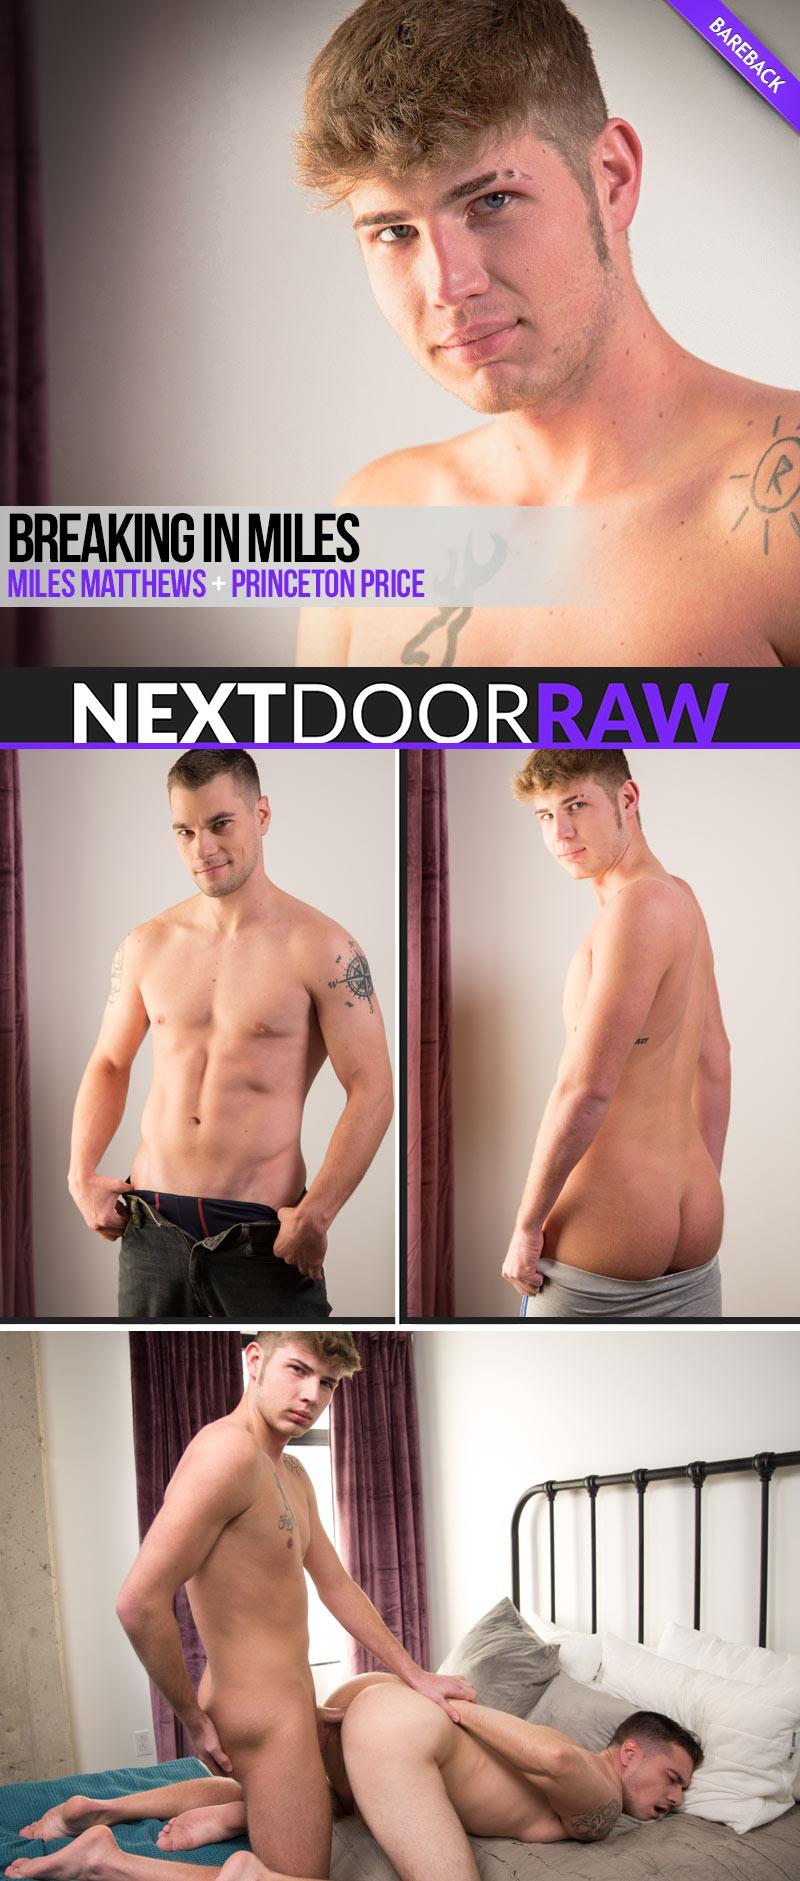 Breaking in Miles (Miles Matthews Barebacks Princeton Price) at NextDoorRAW!